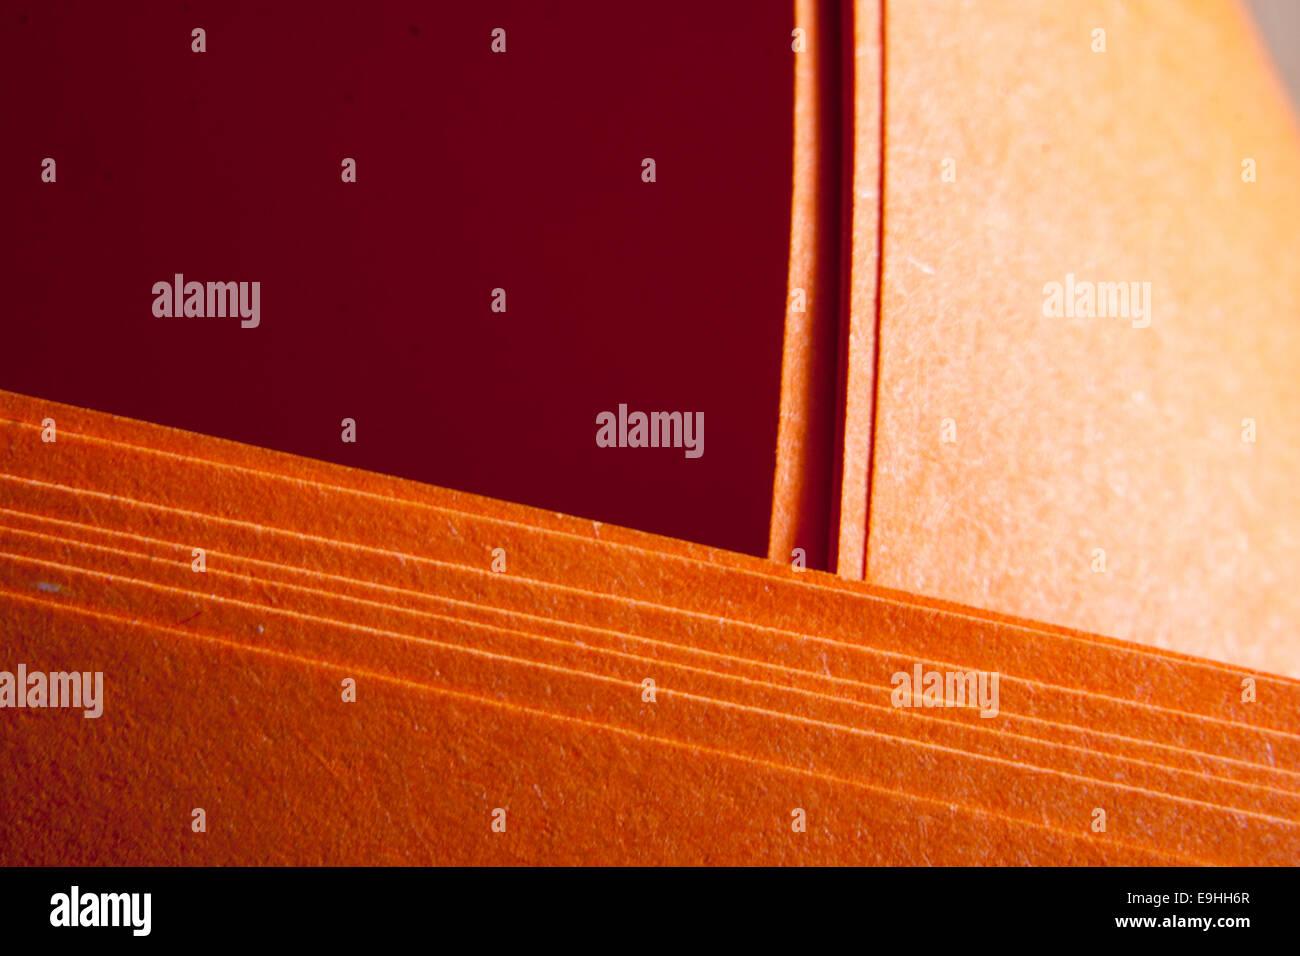 Grungy orange paper folds - Stock Image